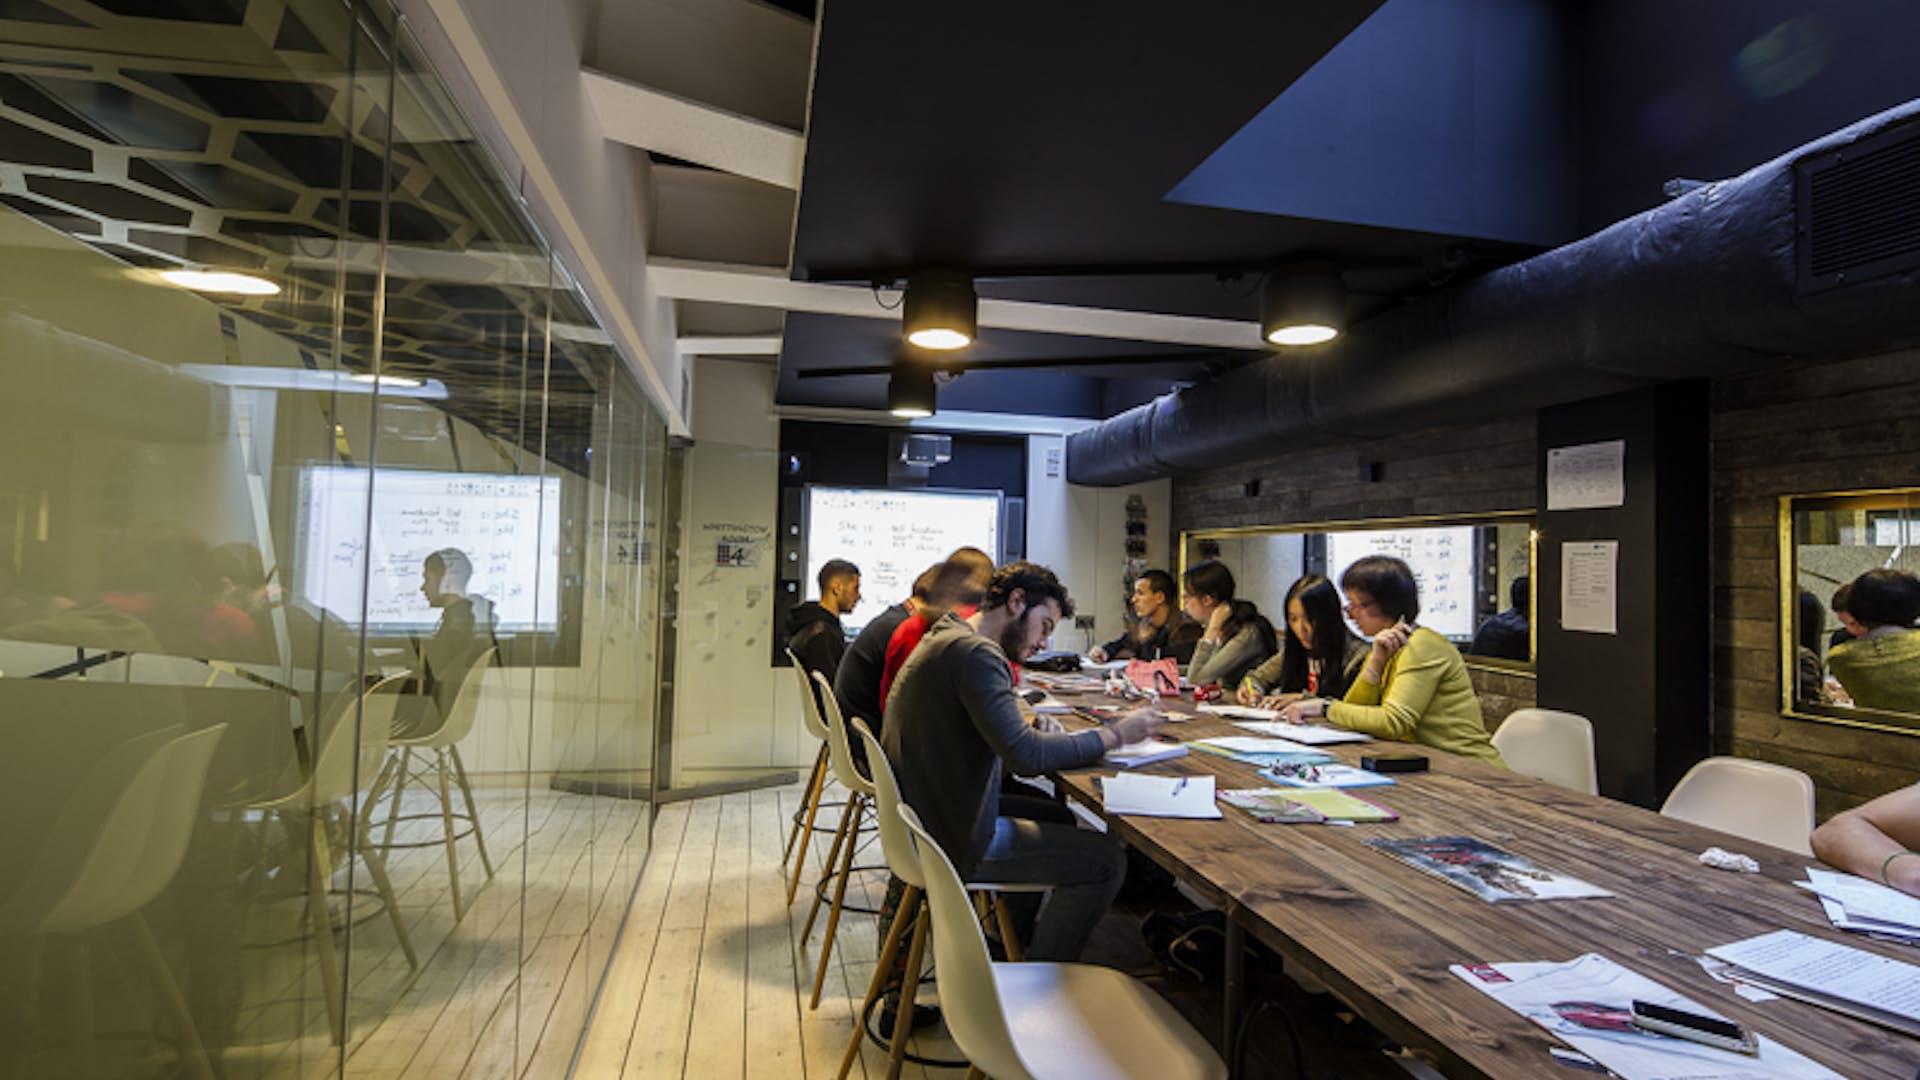 Meeting Rooms In Camden Town